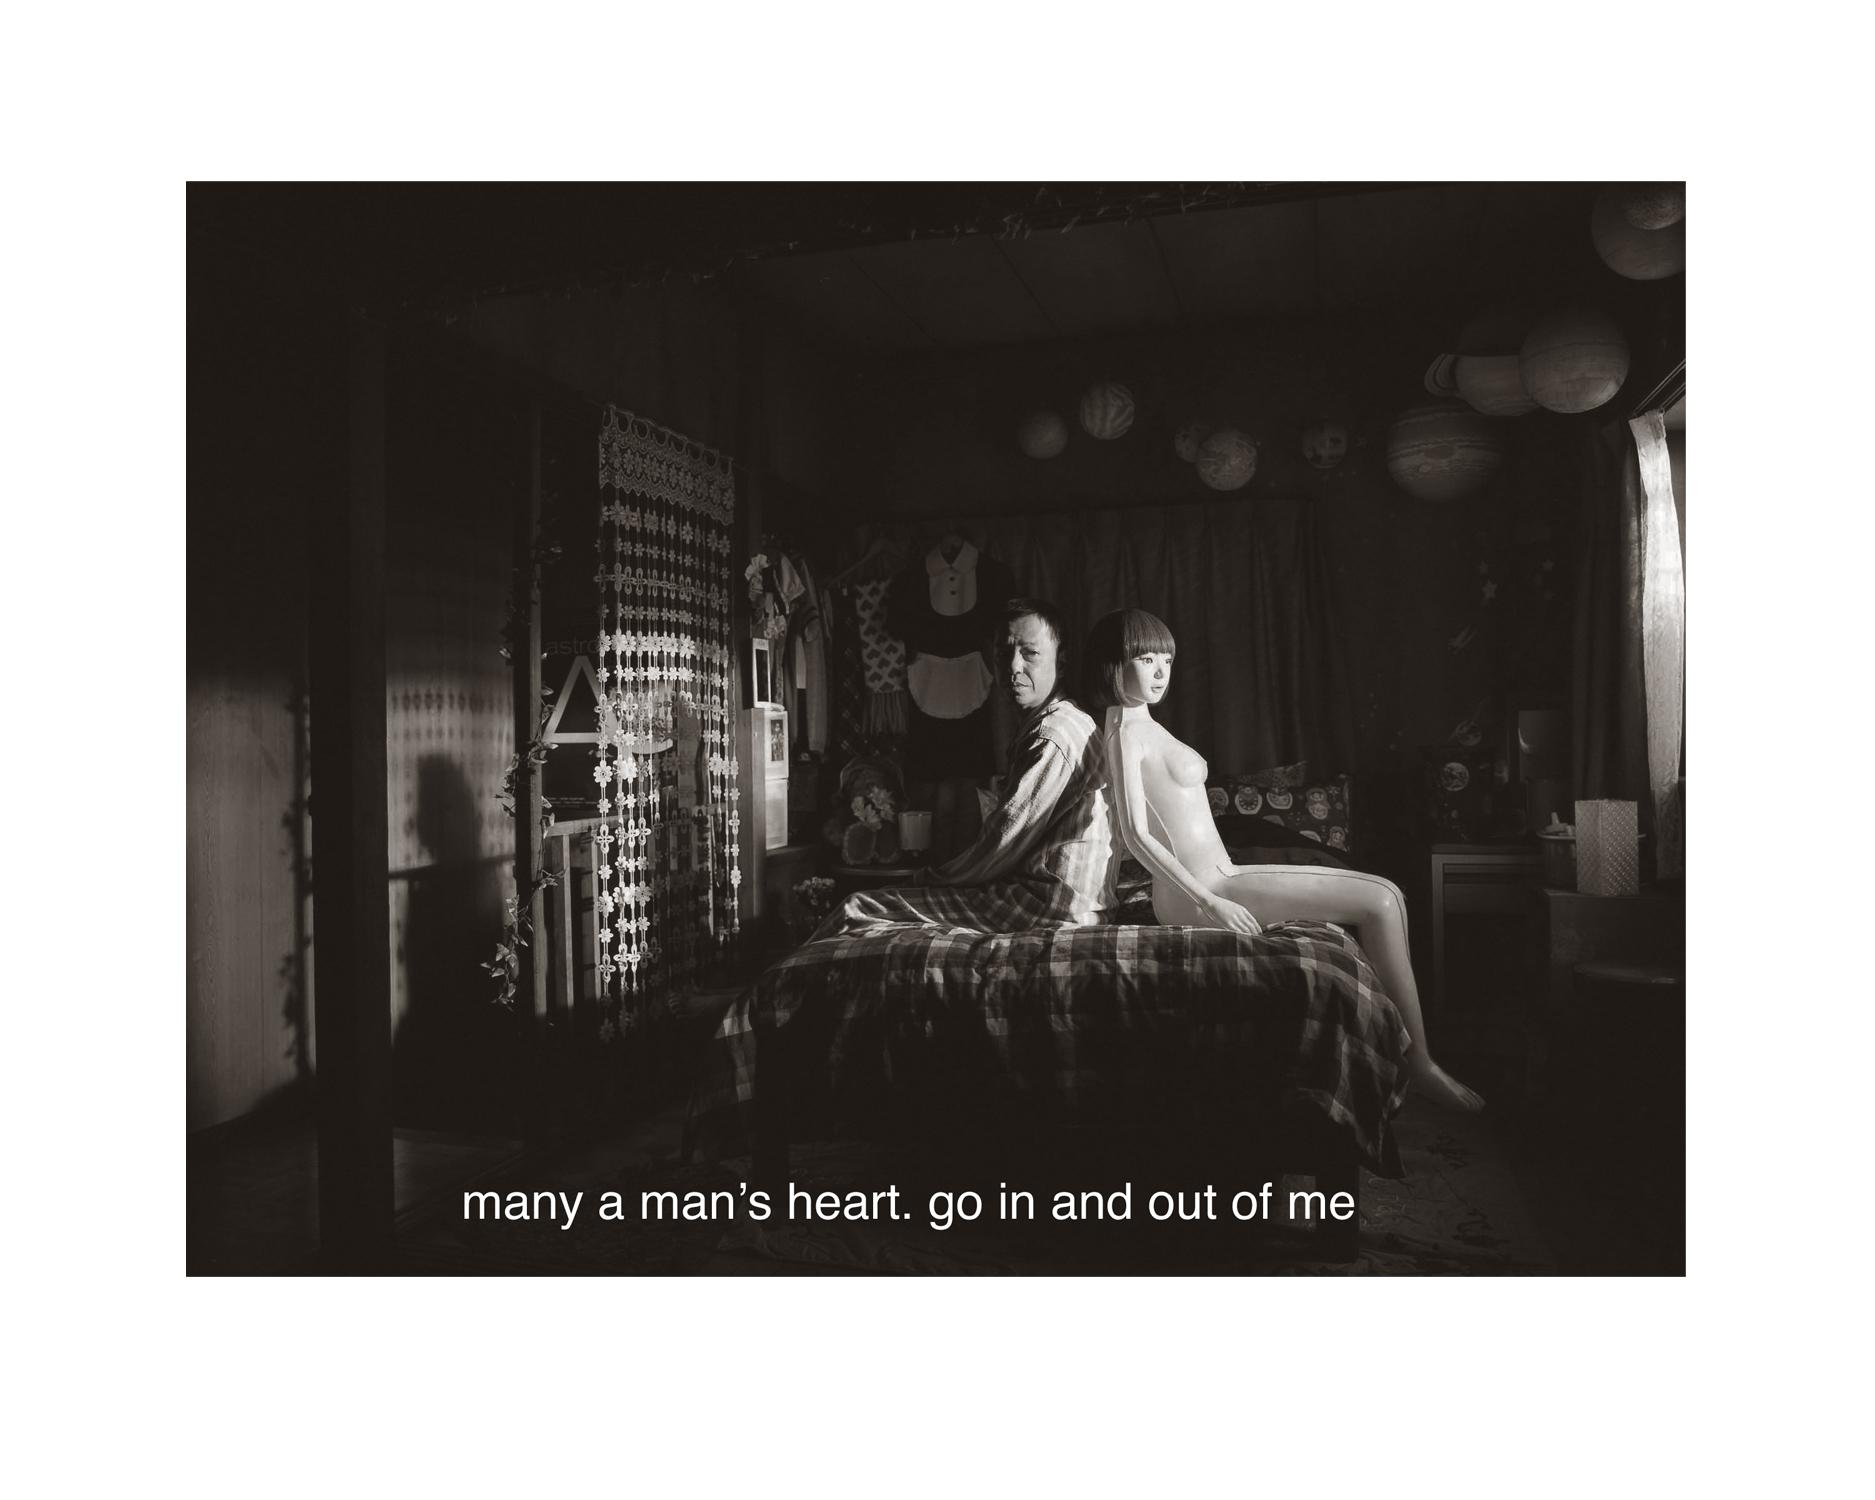 mans heart borderbwrsz.jpg